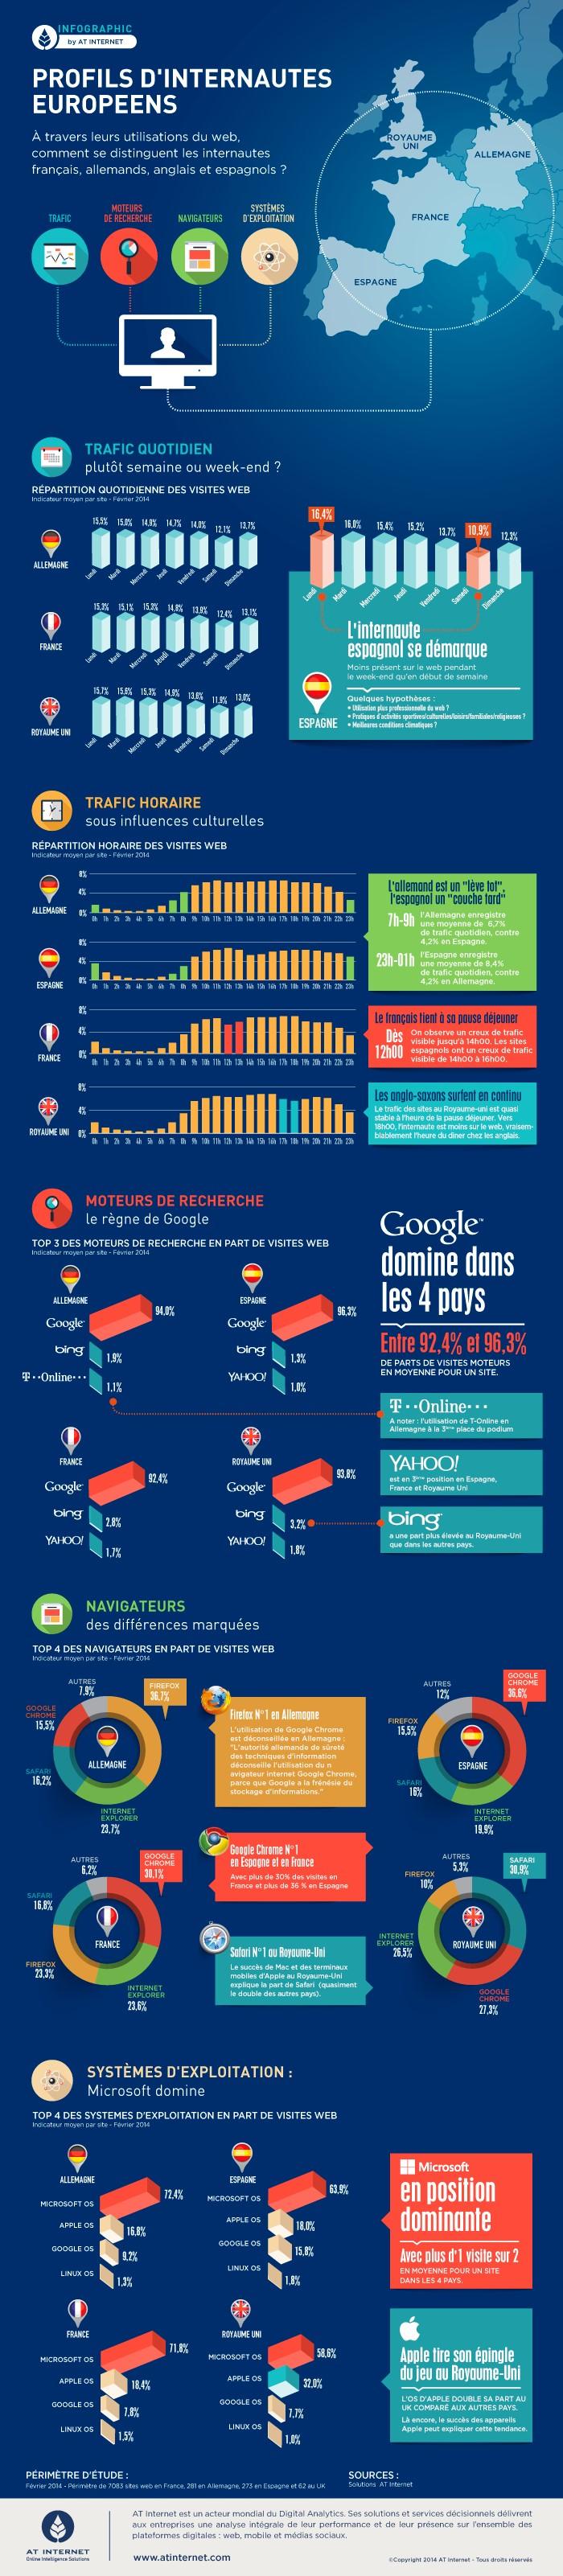 Profils et usages des internautes en europe